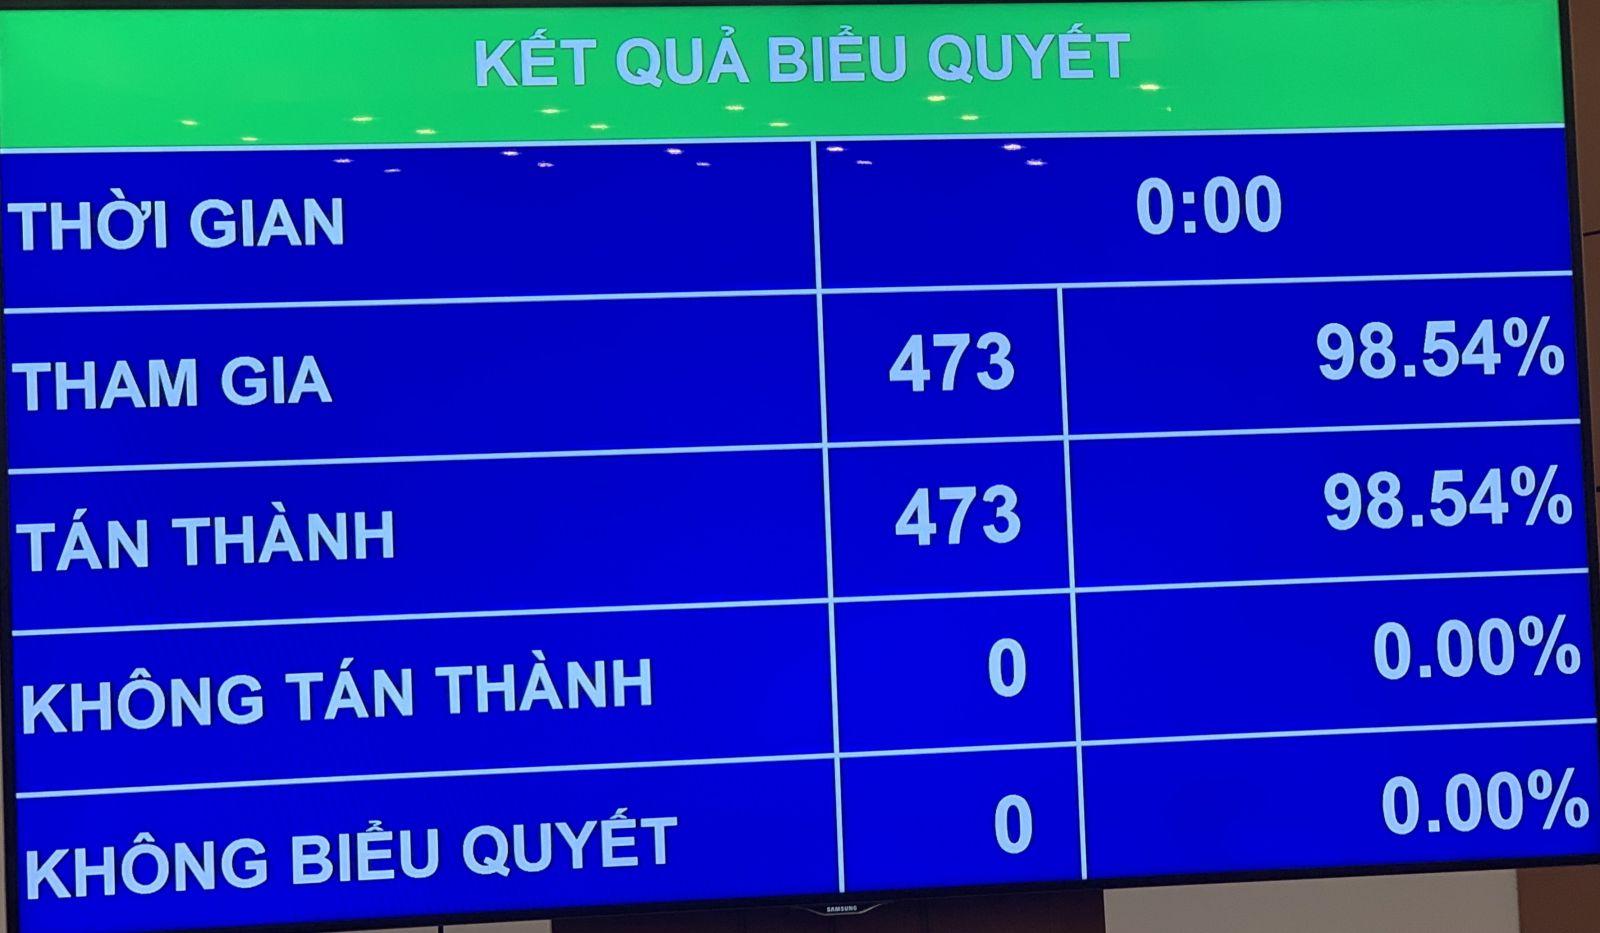 Kết quả biểu quyết bầu đồng chí Vương Đình Huệ giữ chức vụ Chủ tịch Quốc hội.